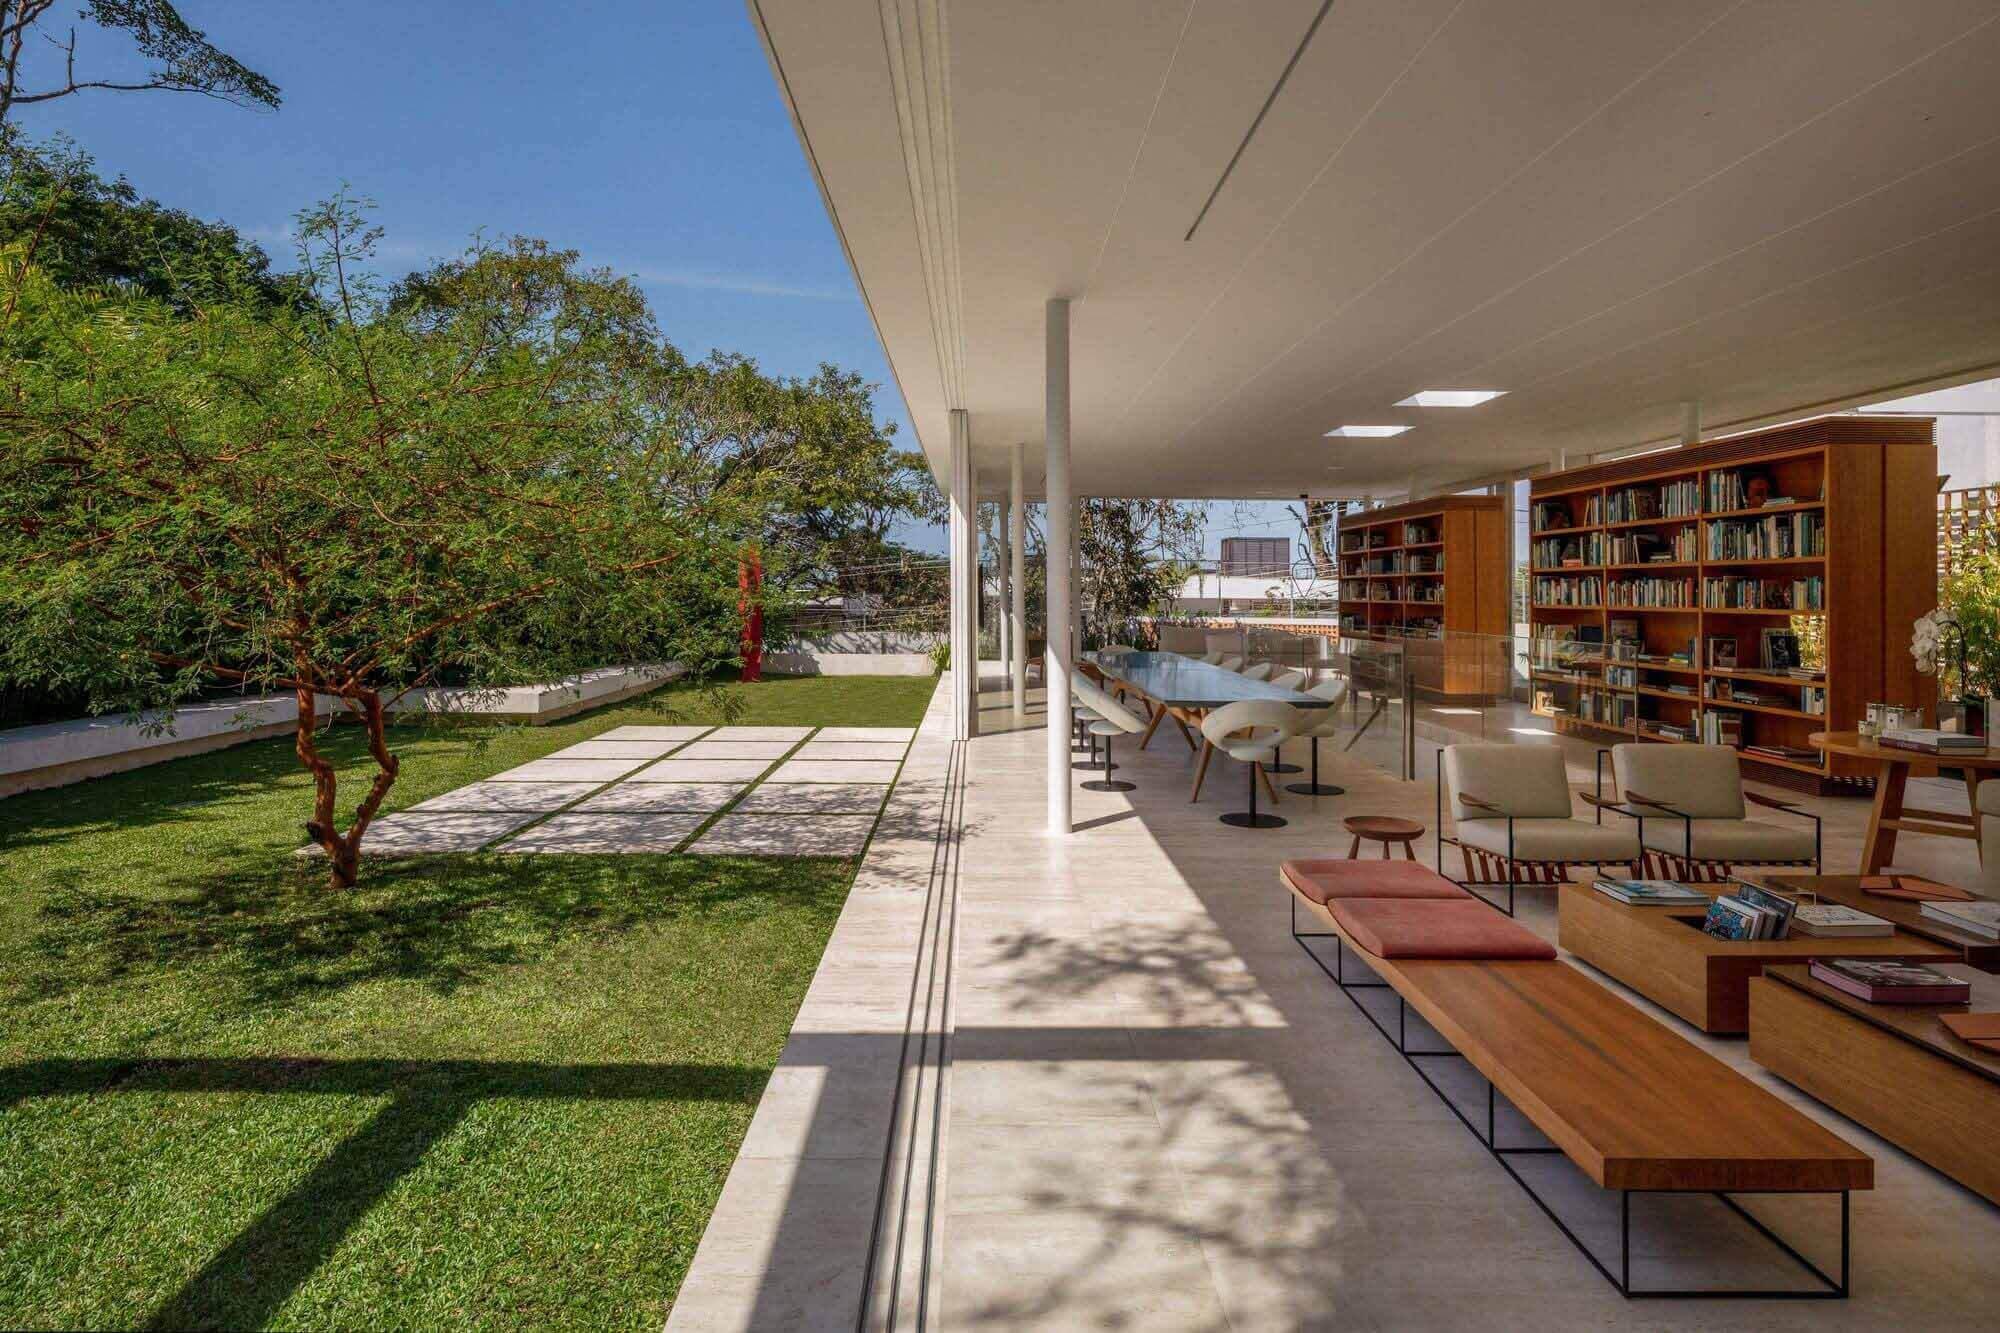 Дополнительный Дом Книги / Siqueira + Azul Arquitetura